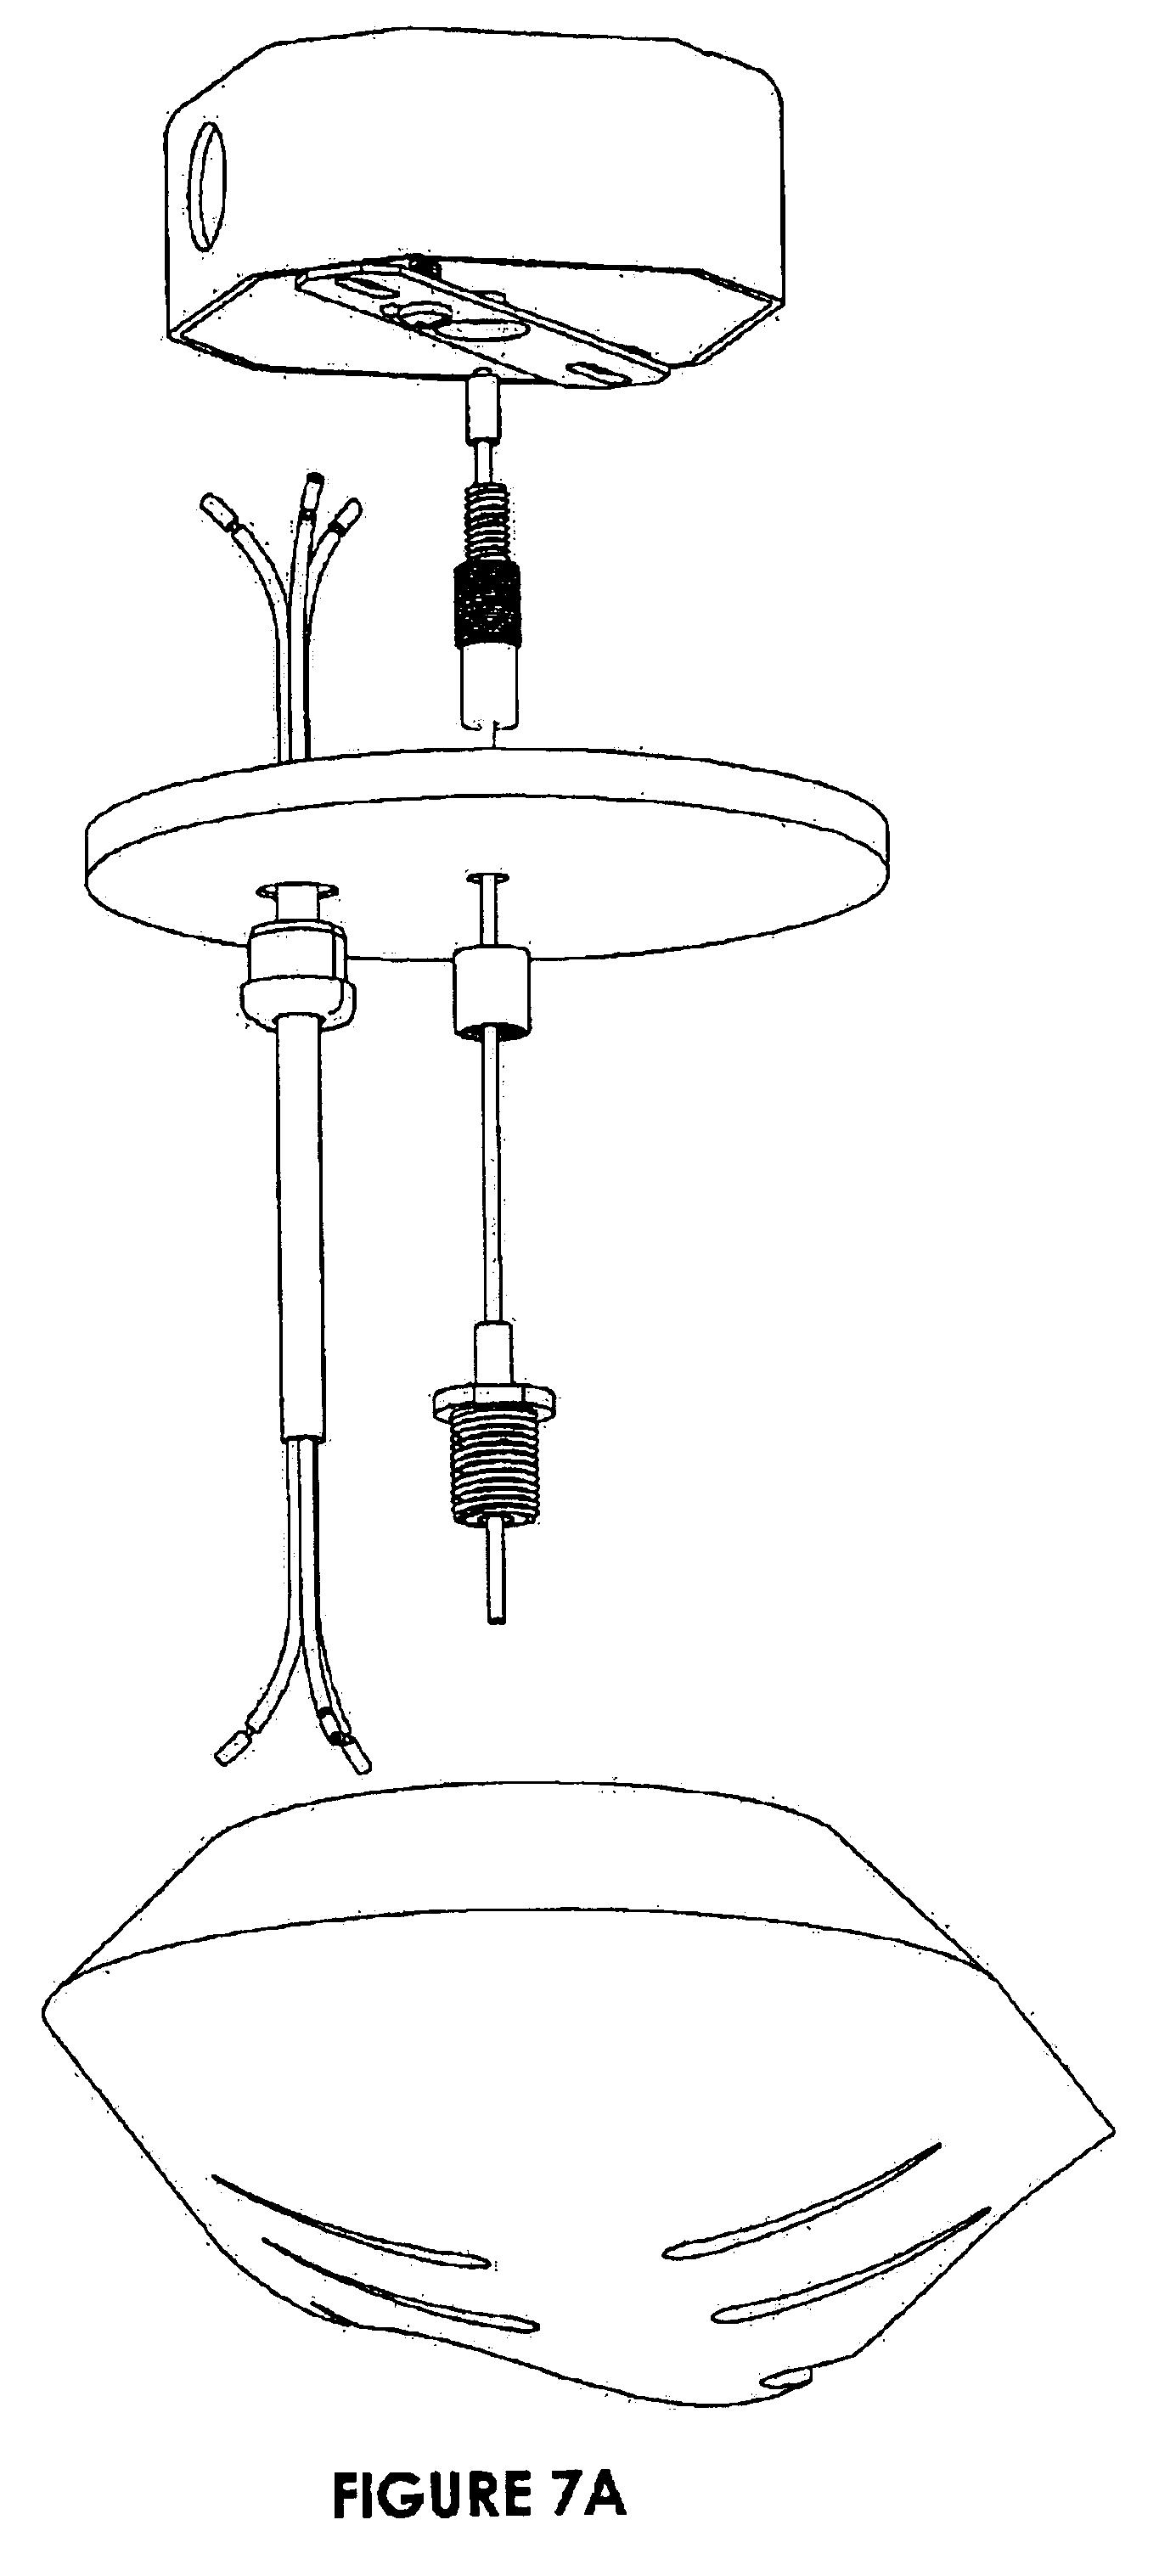 emg 81 85 wiring diagram solder emg afterburner wiring